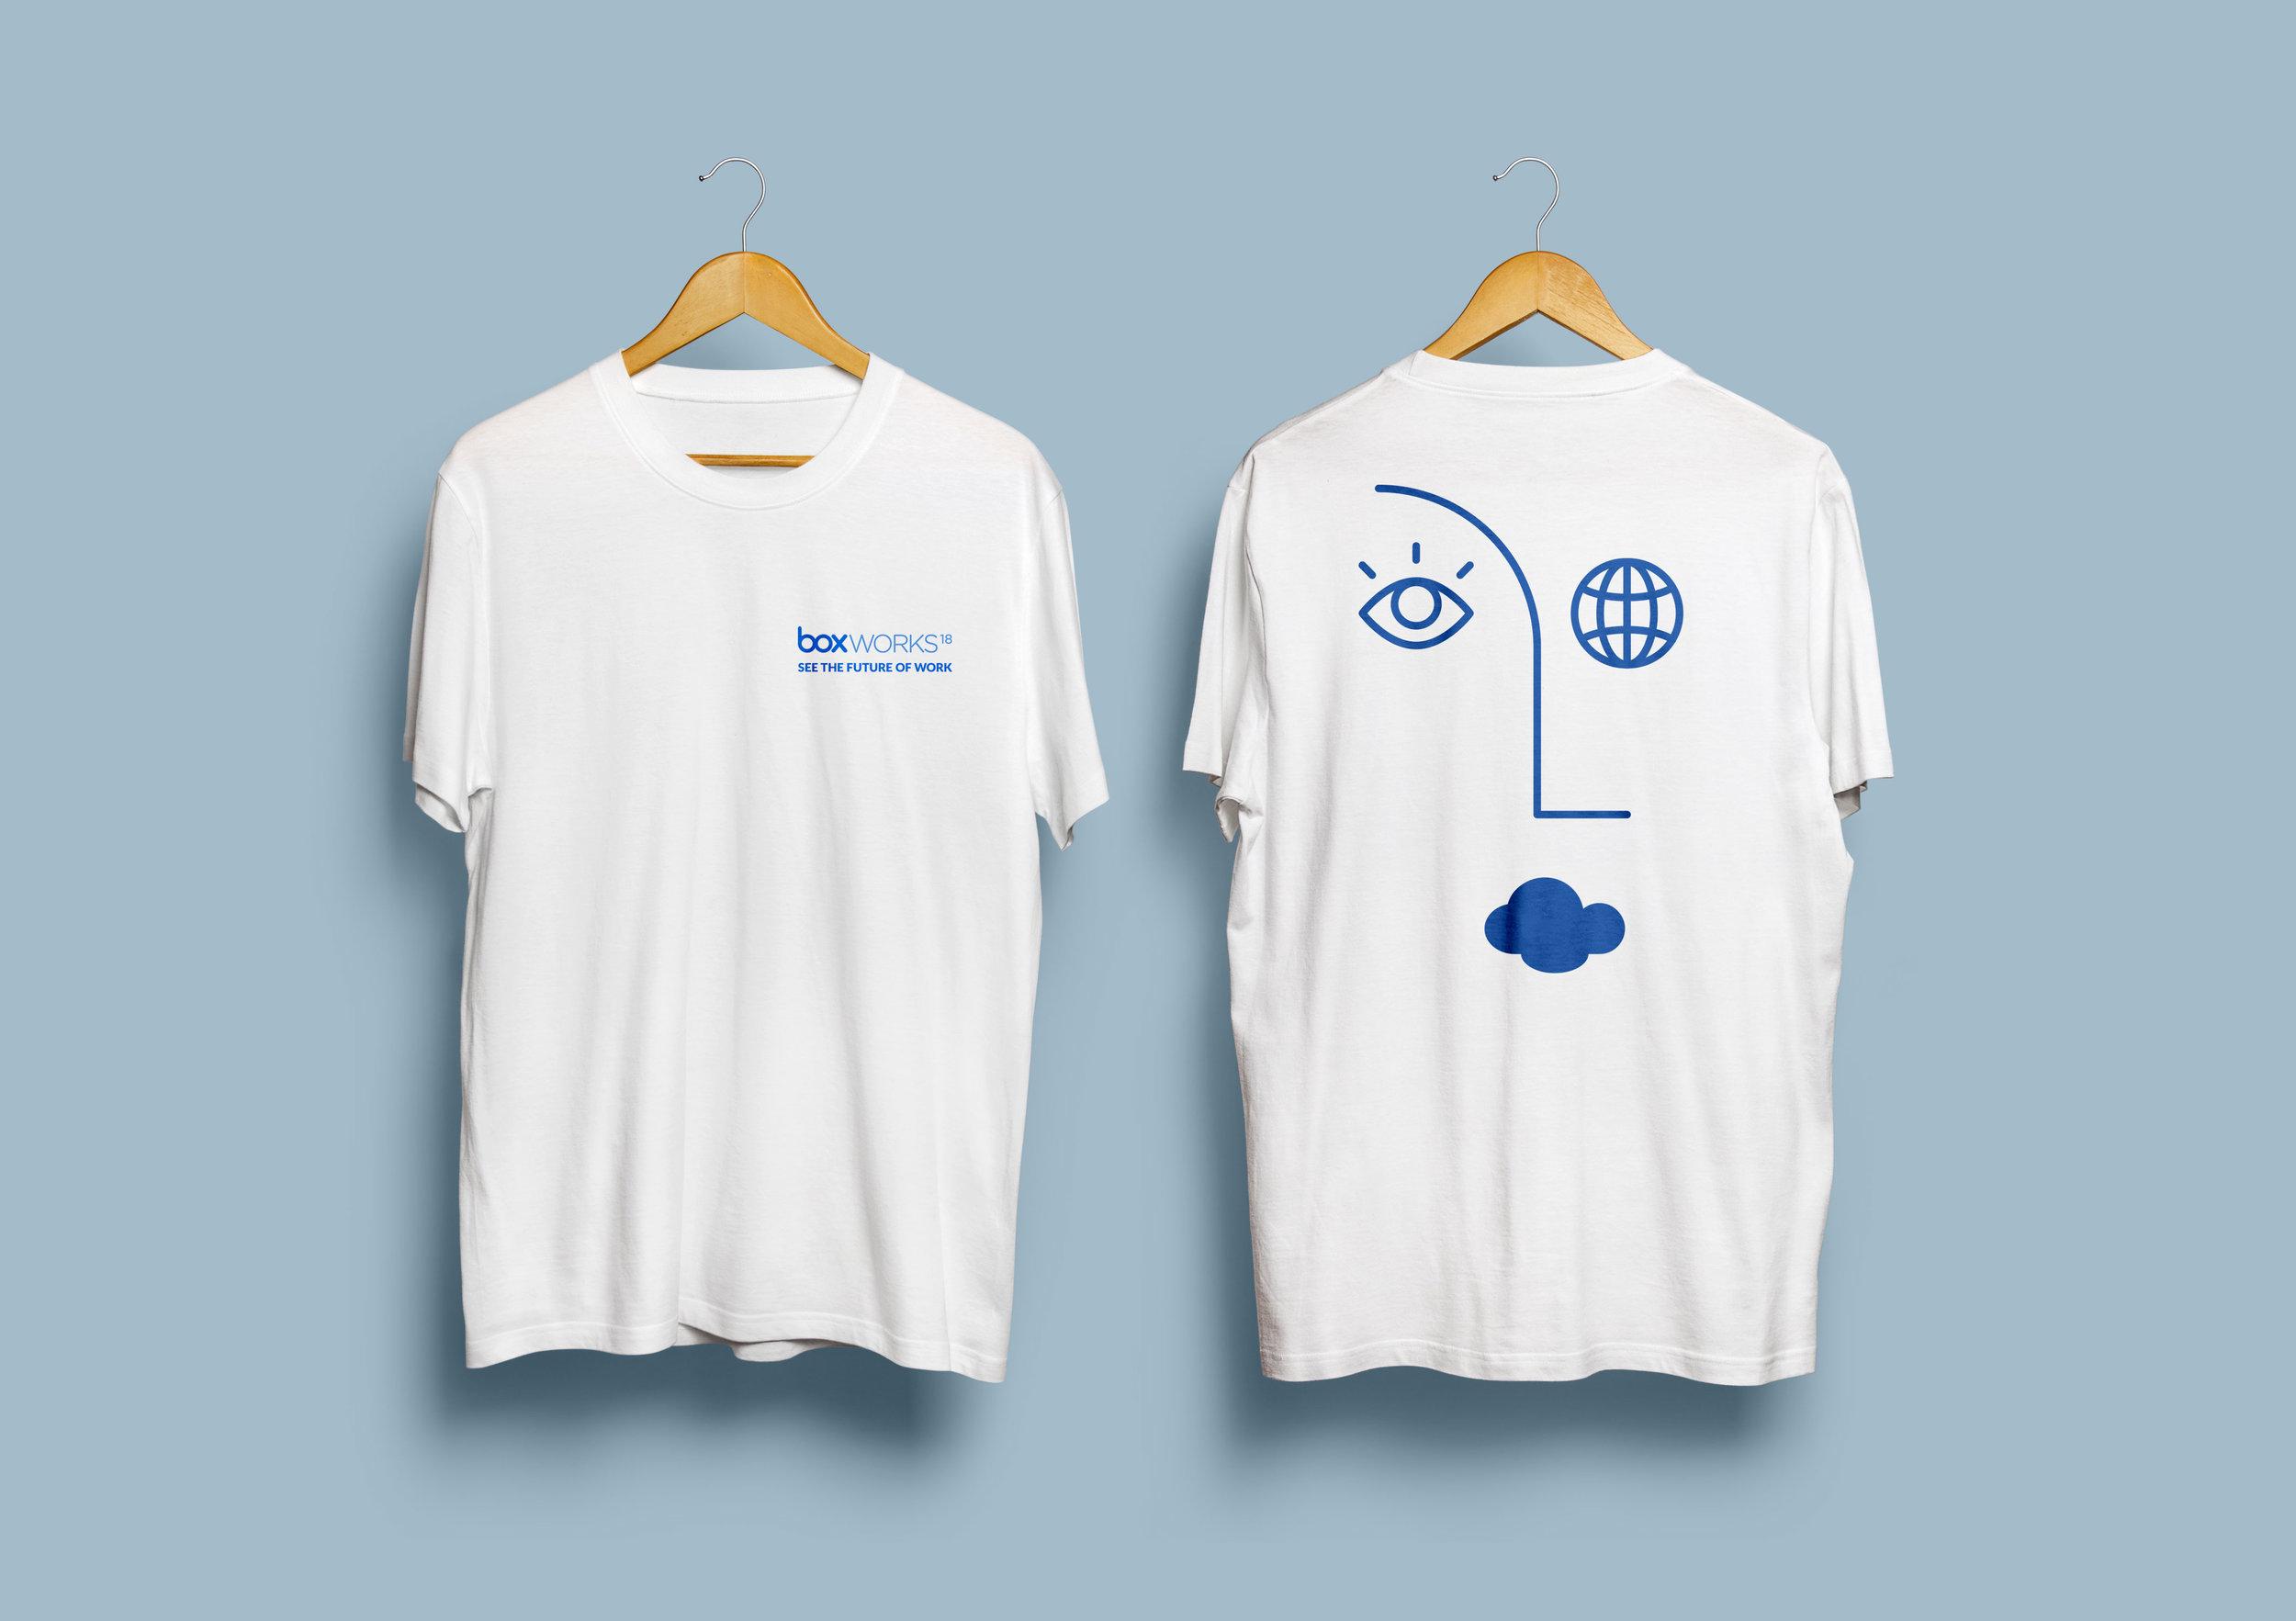 BW_swag_t-shirt-store.jpg